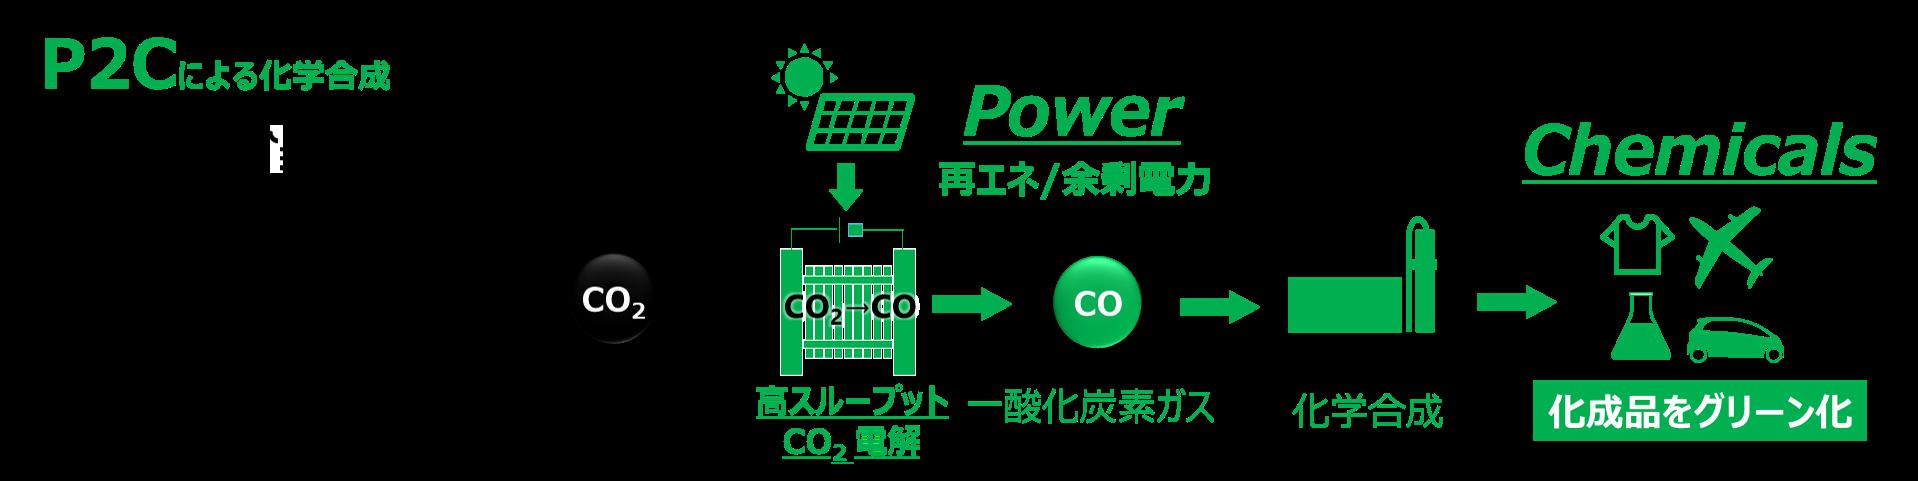 回収したCO2を、再生可能エネルギーの余剰電力でCOへ変換、化成品に有効利用